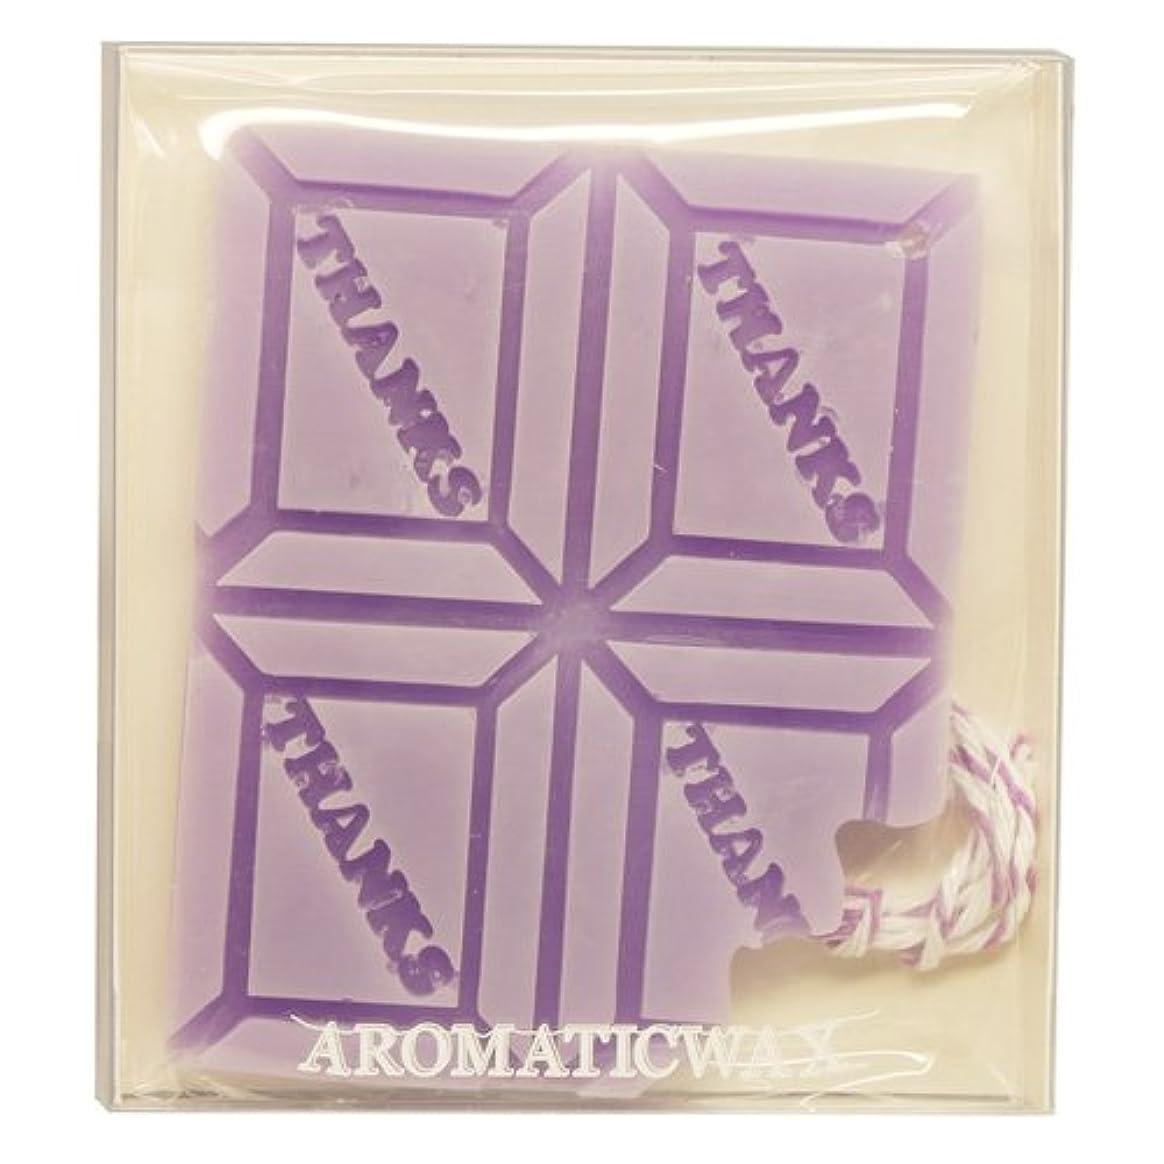 ランタンスクラップ負担GRASSE TOKYO AROMATICWAXチャーム「板チョコ(THANKS)」(PU) ラベンダー アロマティックワックス グラーストウキョウ